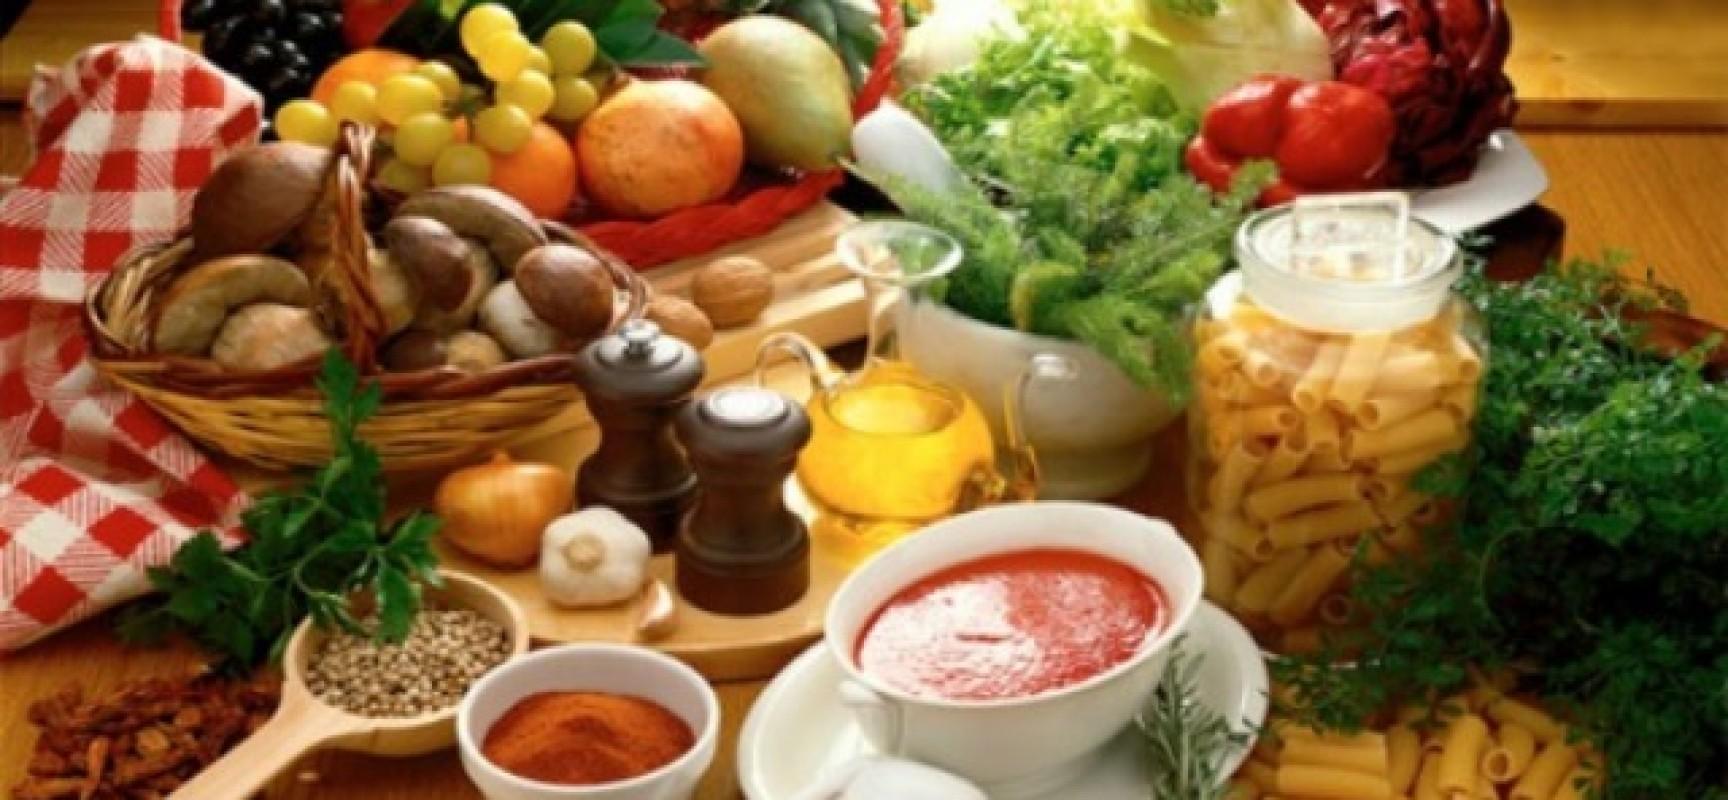 В дни Рождественского поста рацион питания должен быть максимально разнообразным